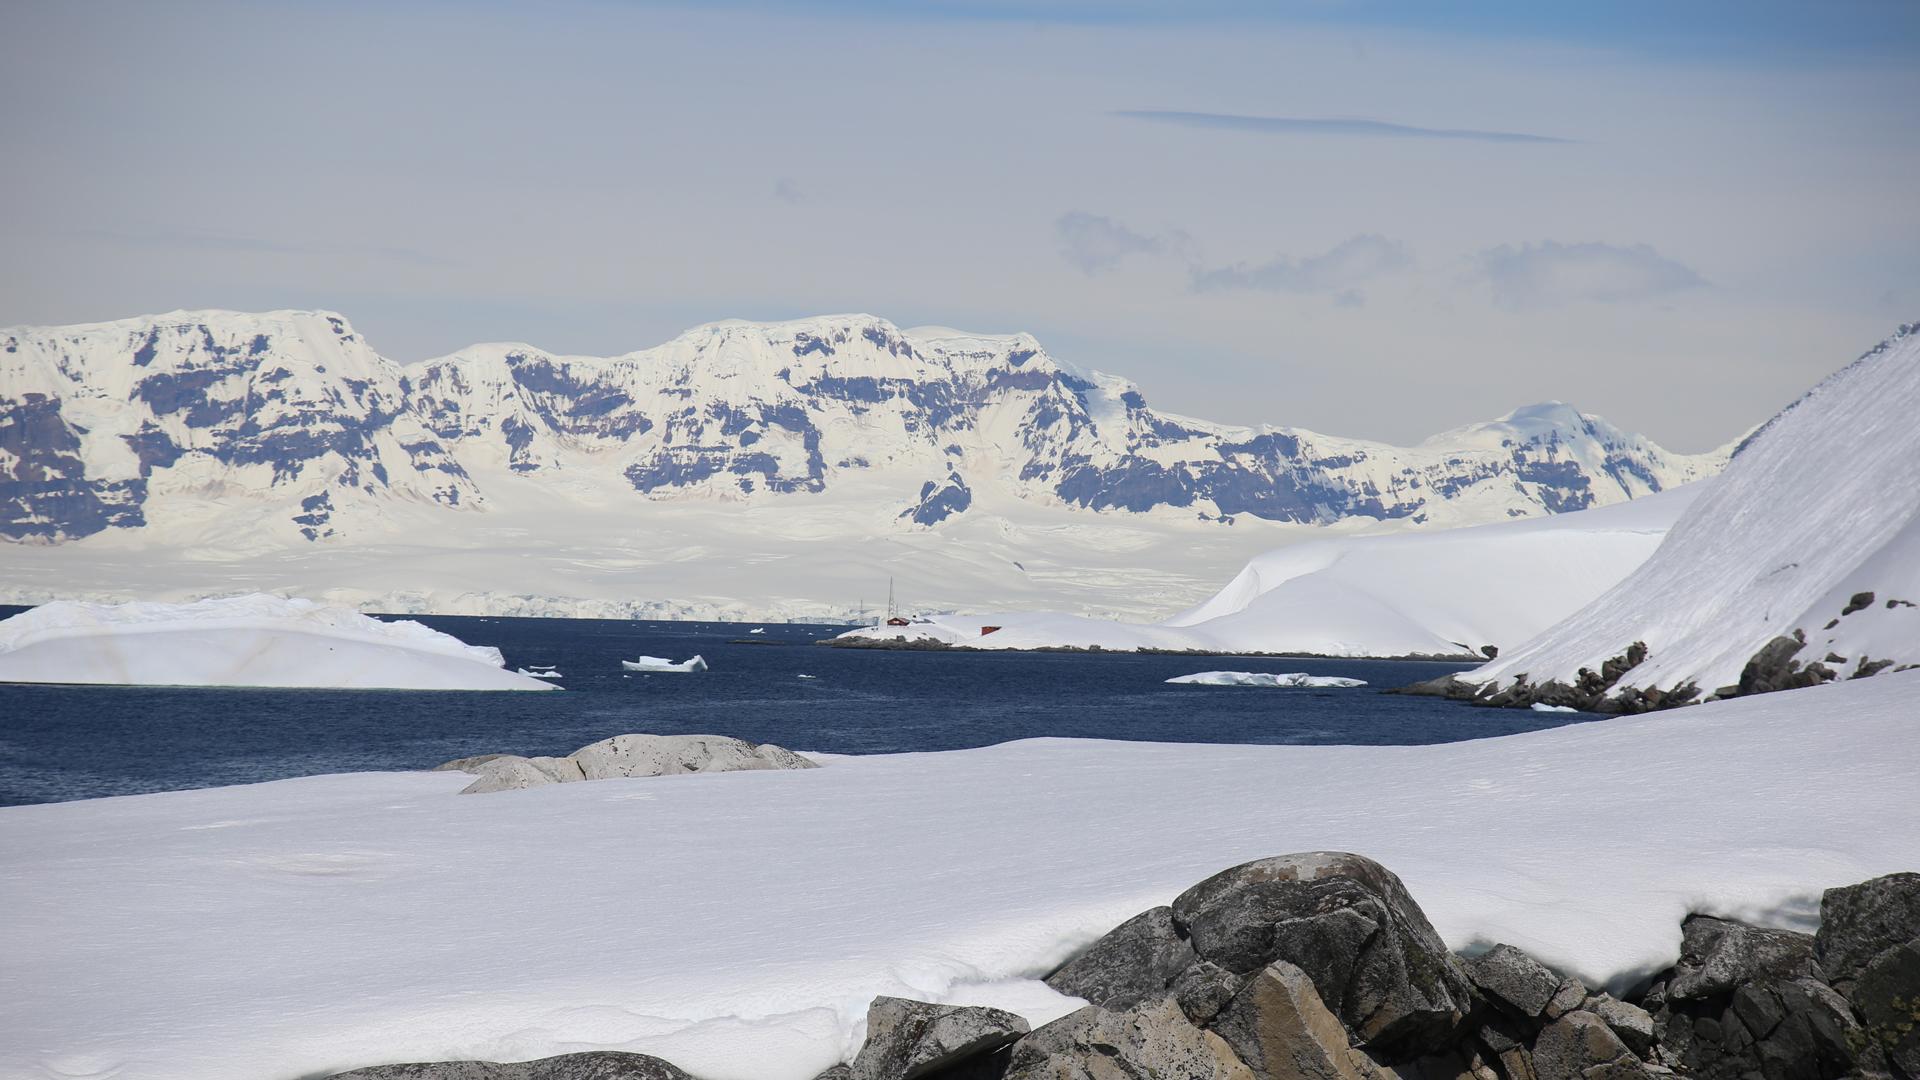 ¿Por qué es importante determinar quién descubrió la Antártida?